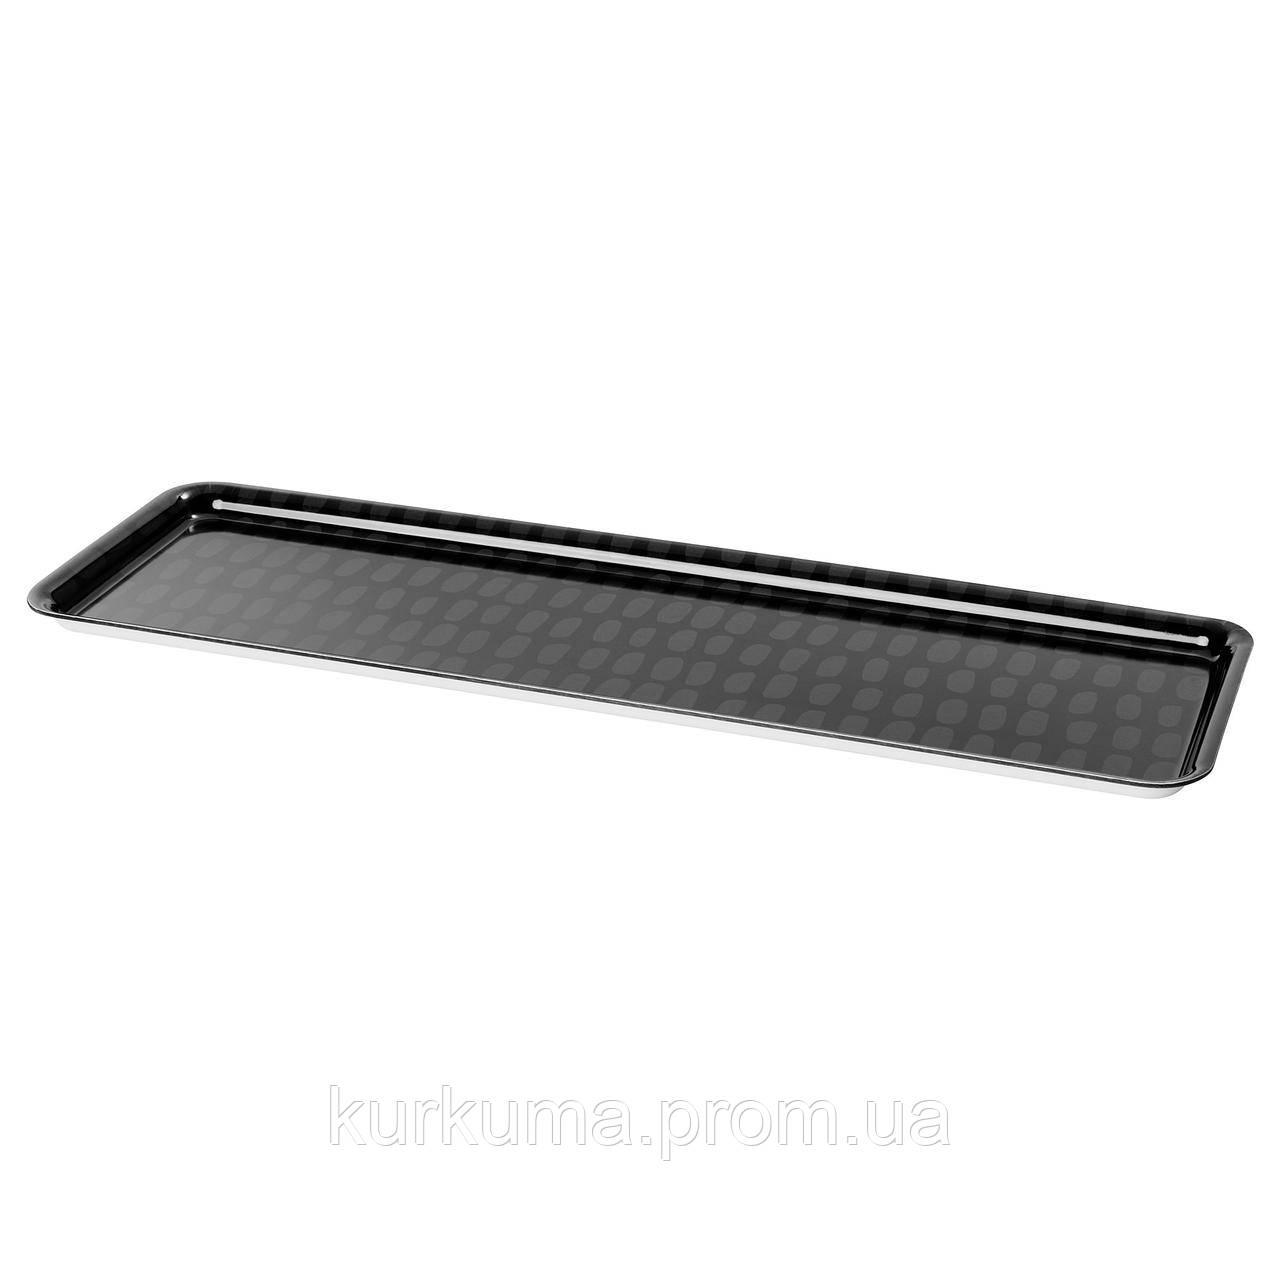 IKEA SAMMANHANG Поднос, черный, серый  (304.176.29)